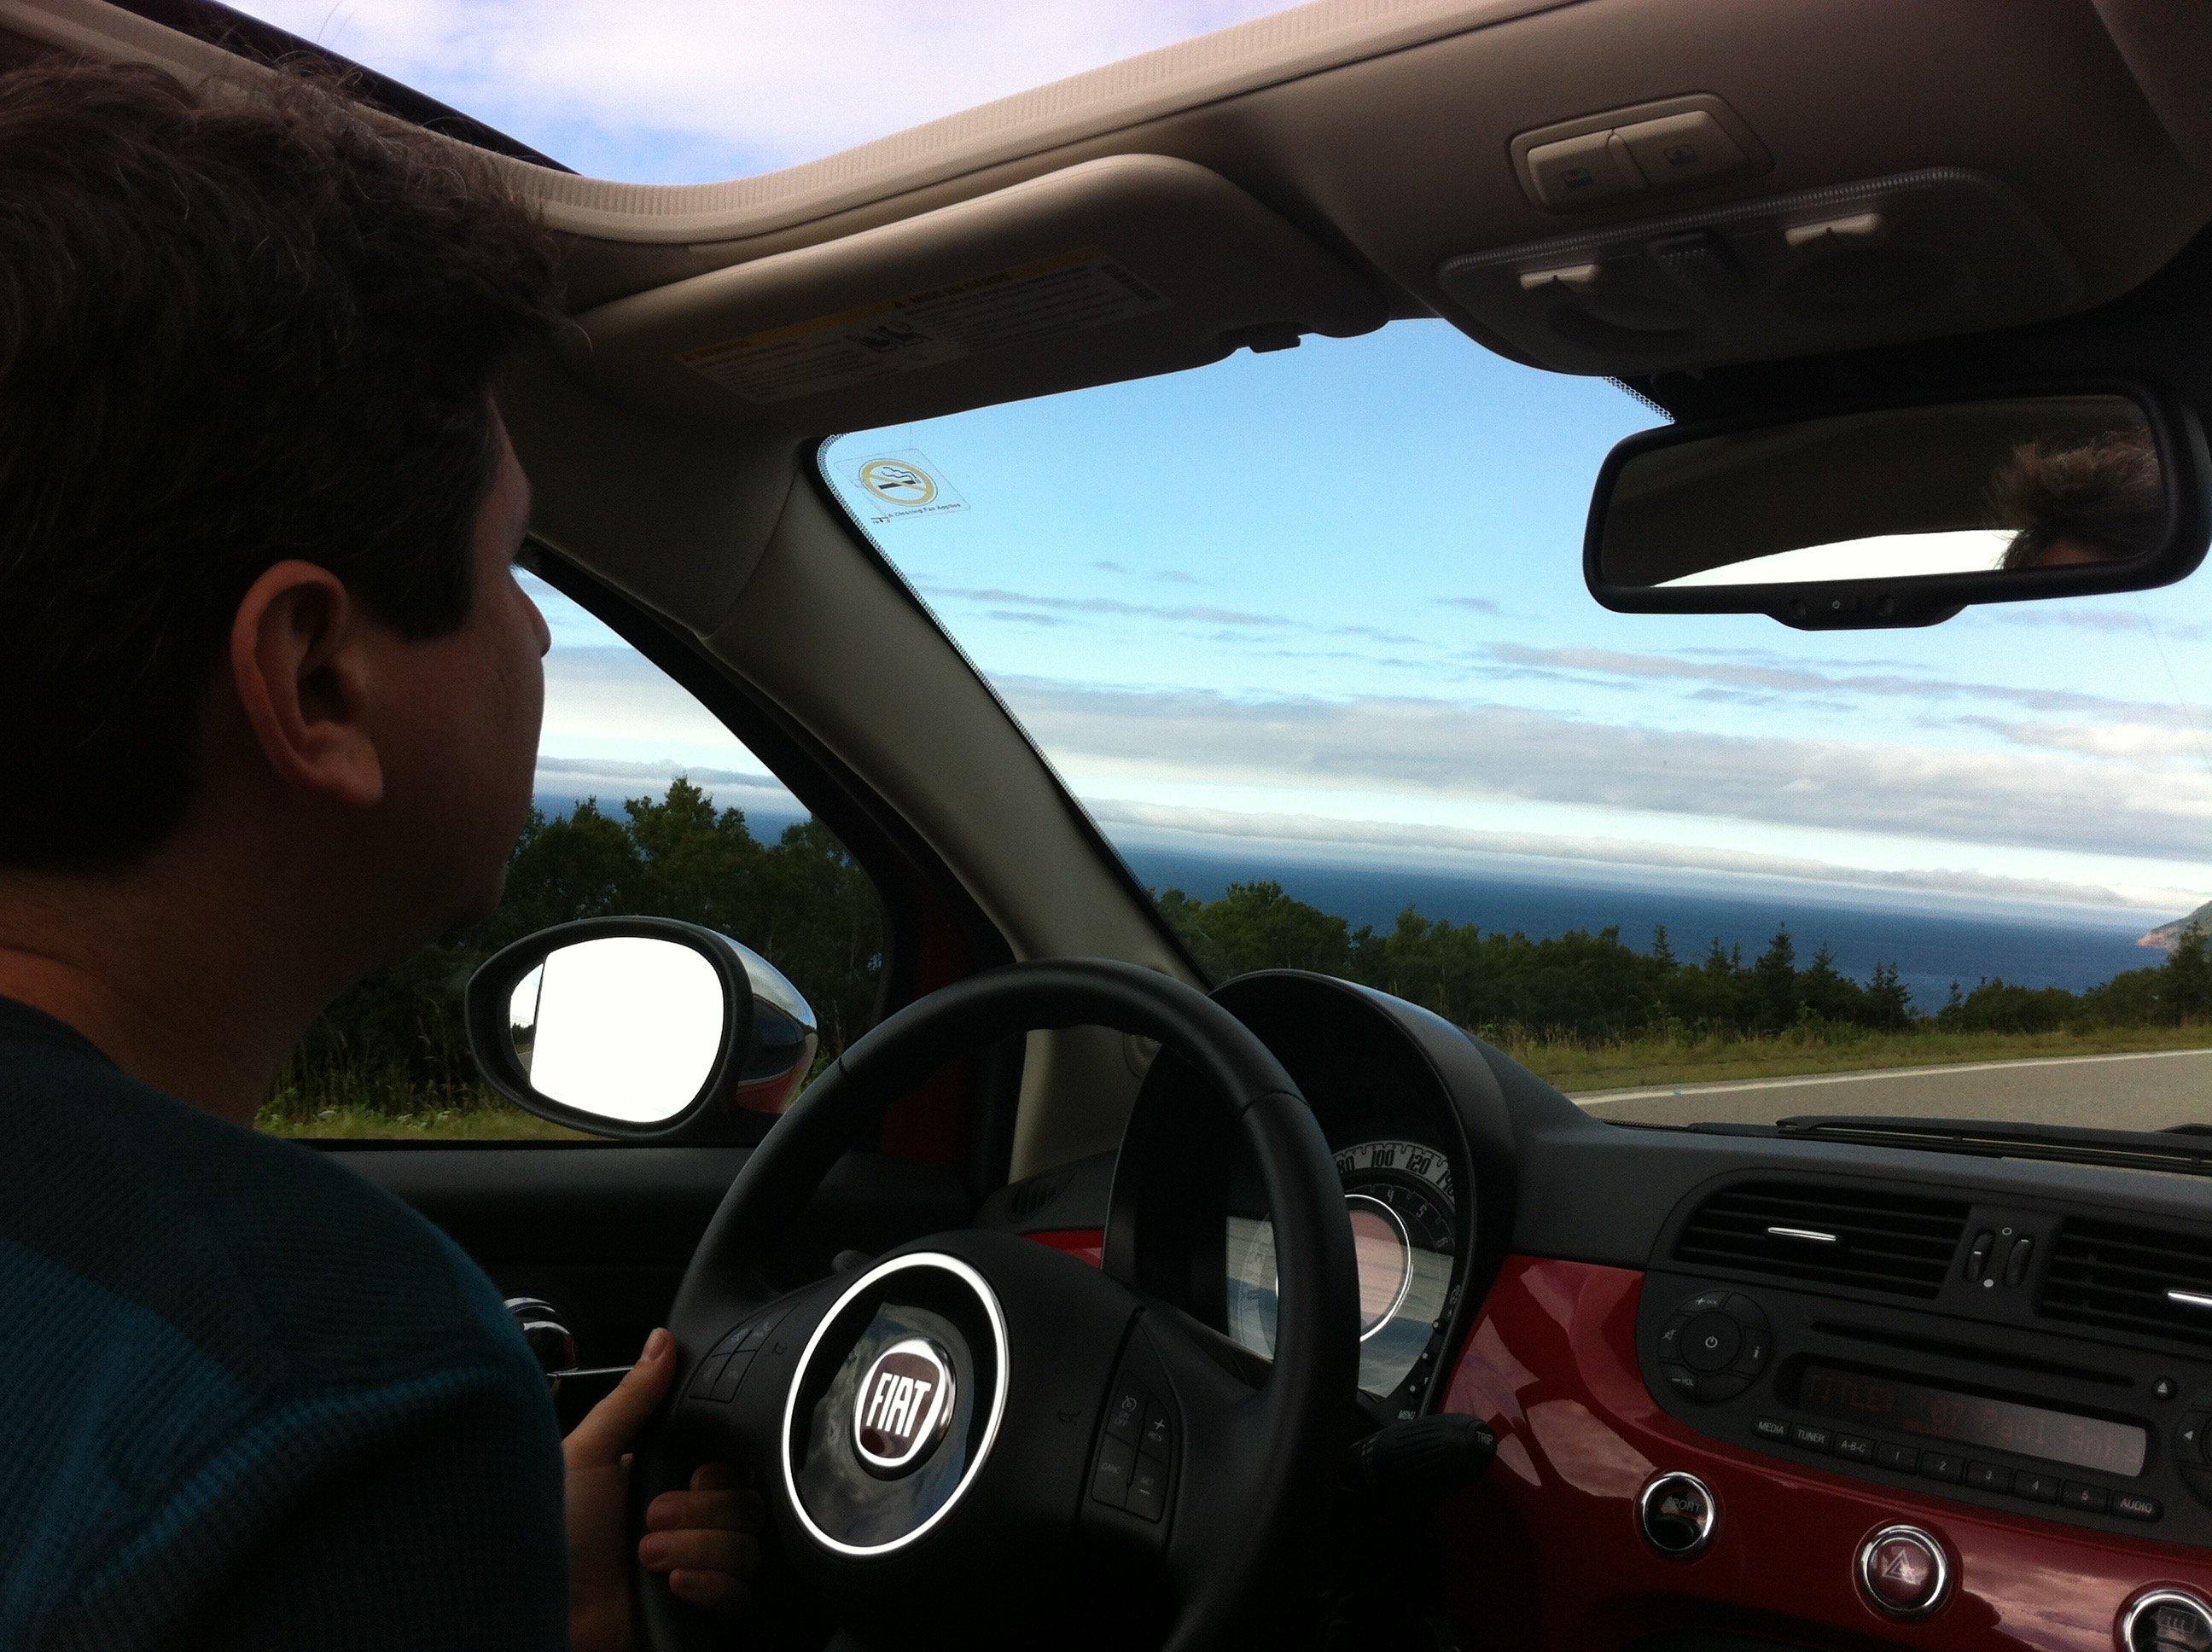 cars.com, best road trip car, best road trips, car tips, car rentals